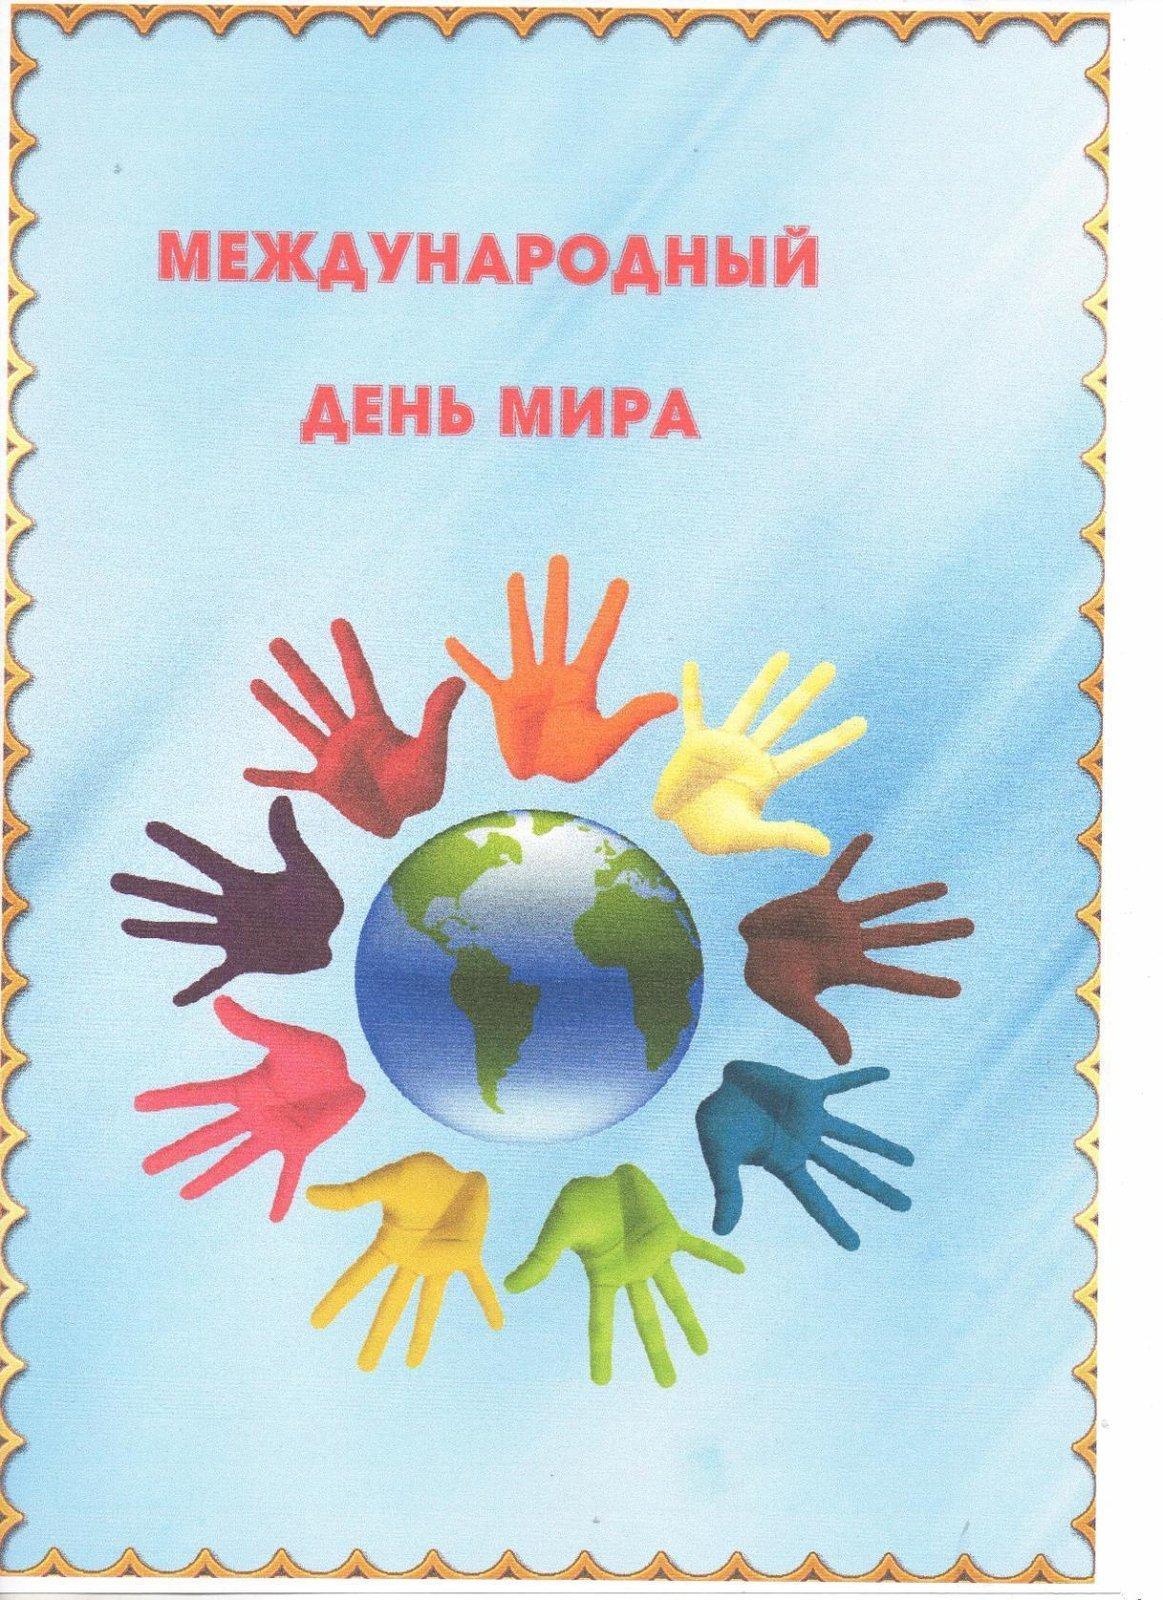 Картинка международный день мира